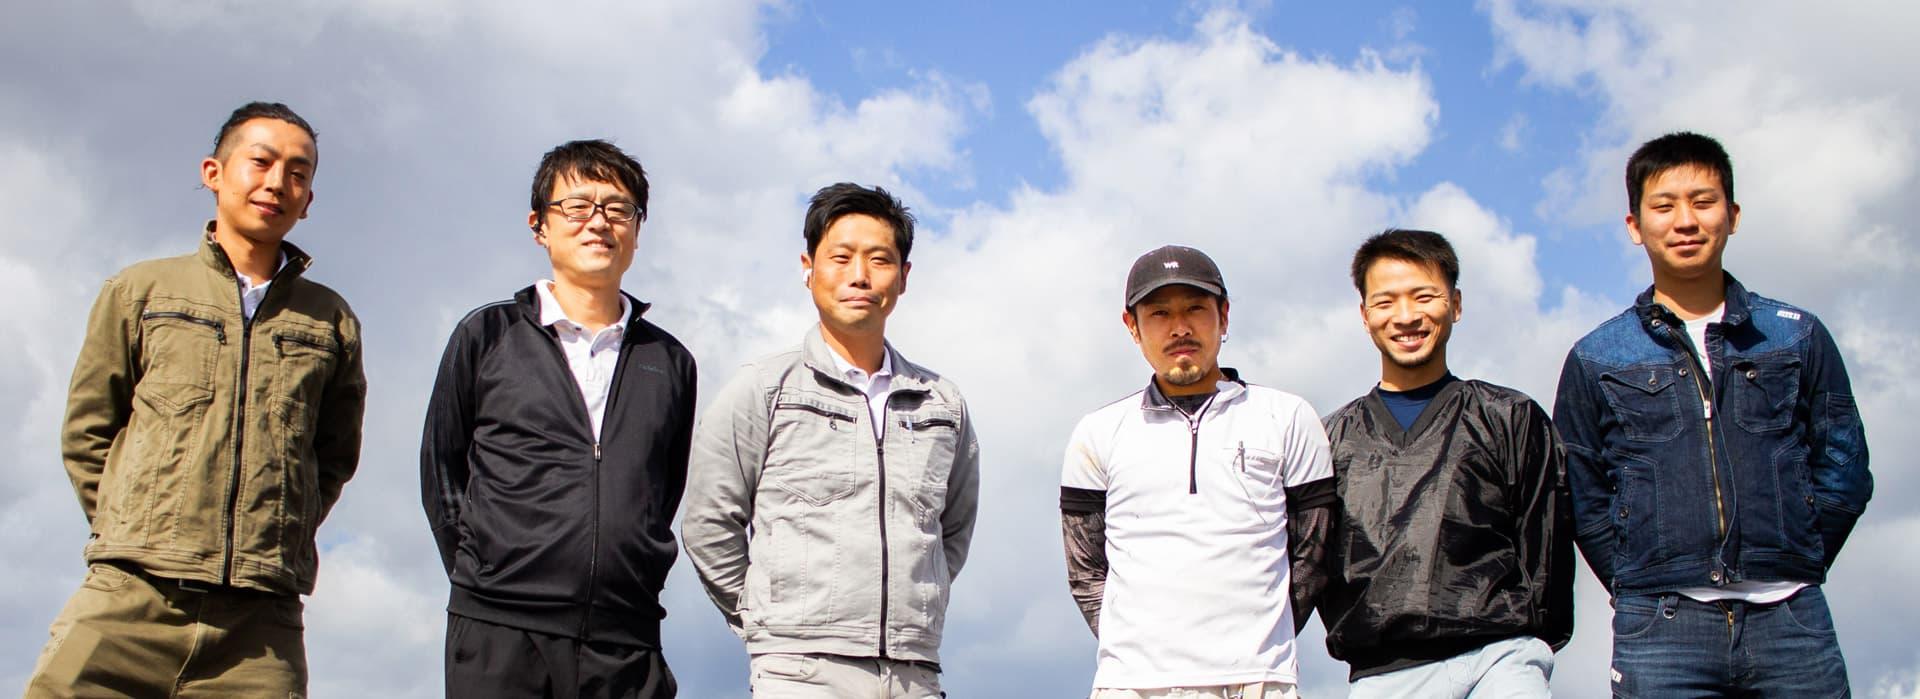 大阪の屋根修理・雨漏り修理は輝匠建業へお問い合わせください!